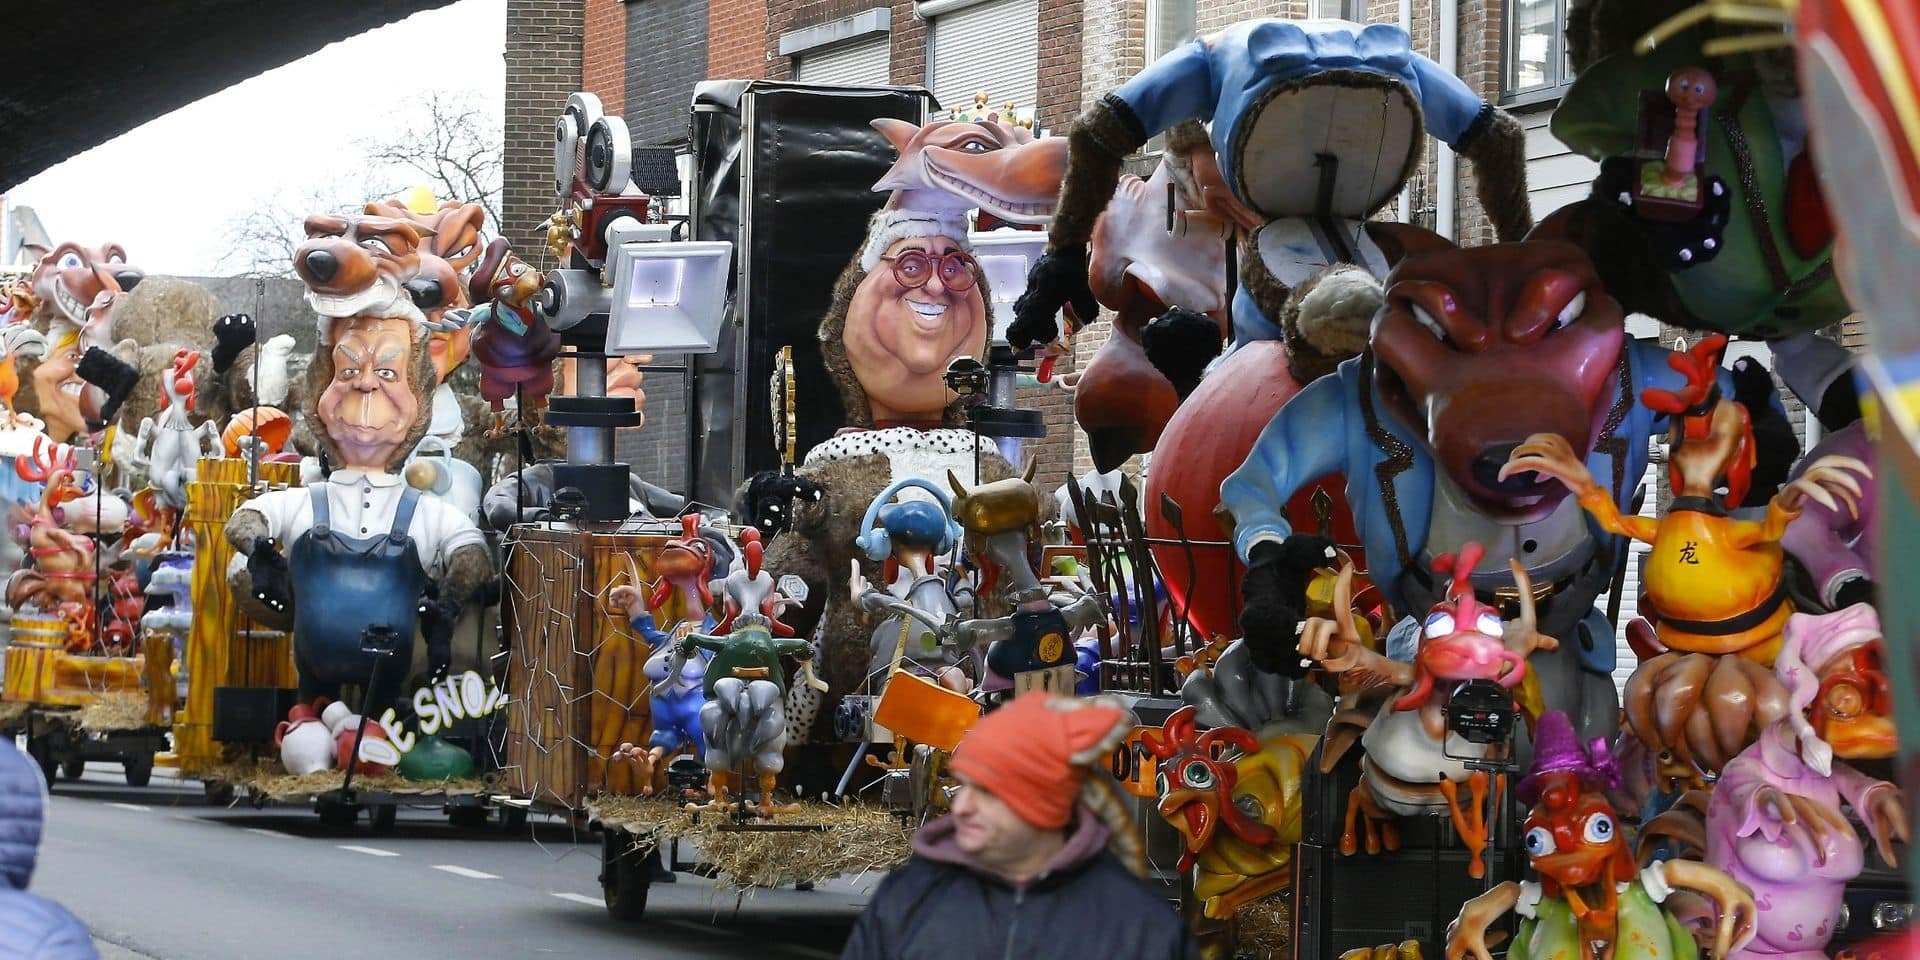 Le carnaval d'Alost retiré de la liste de l'Unesco à cause d'antisémitisme? L'ambassadeur belge invité à venir s'expliquer